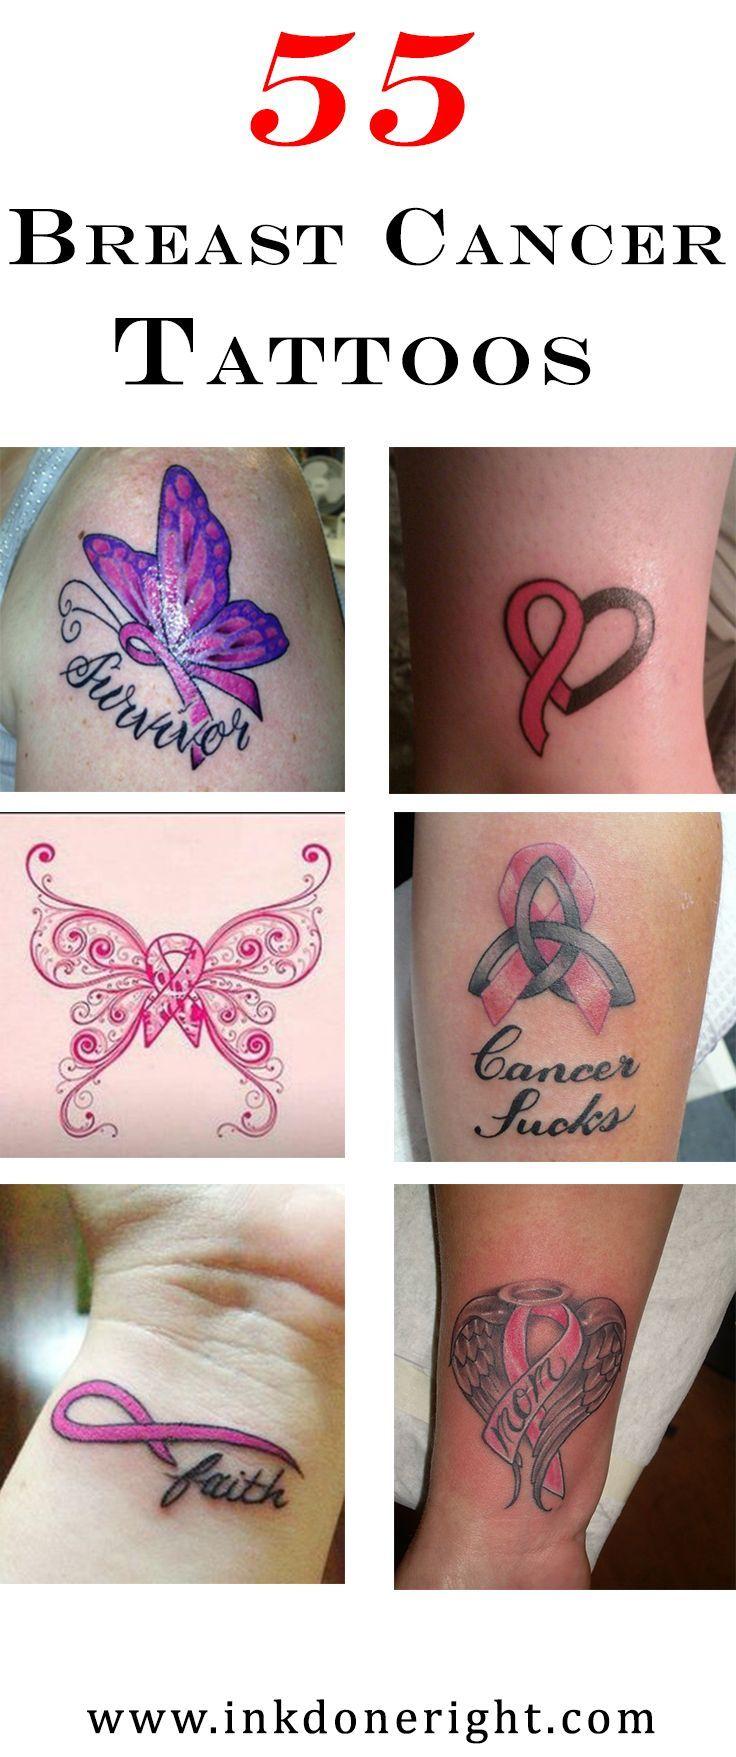 Breast cancer bra tattoo